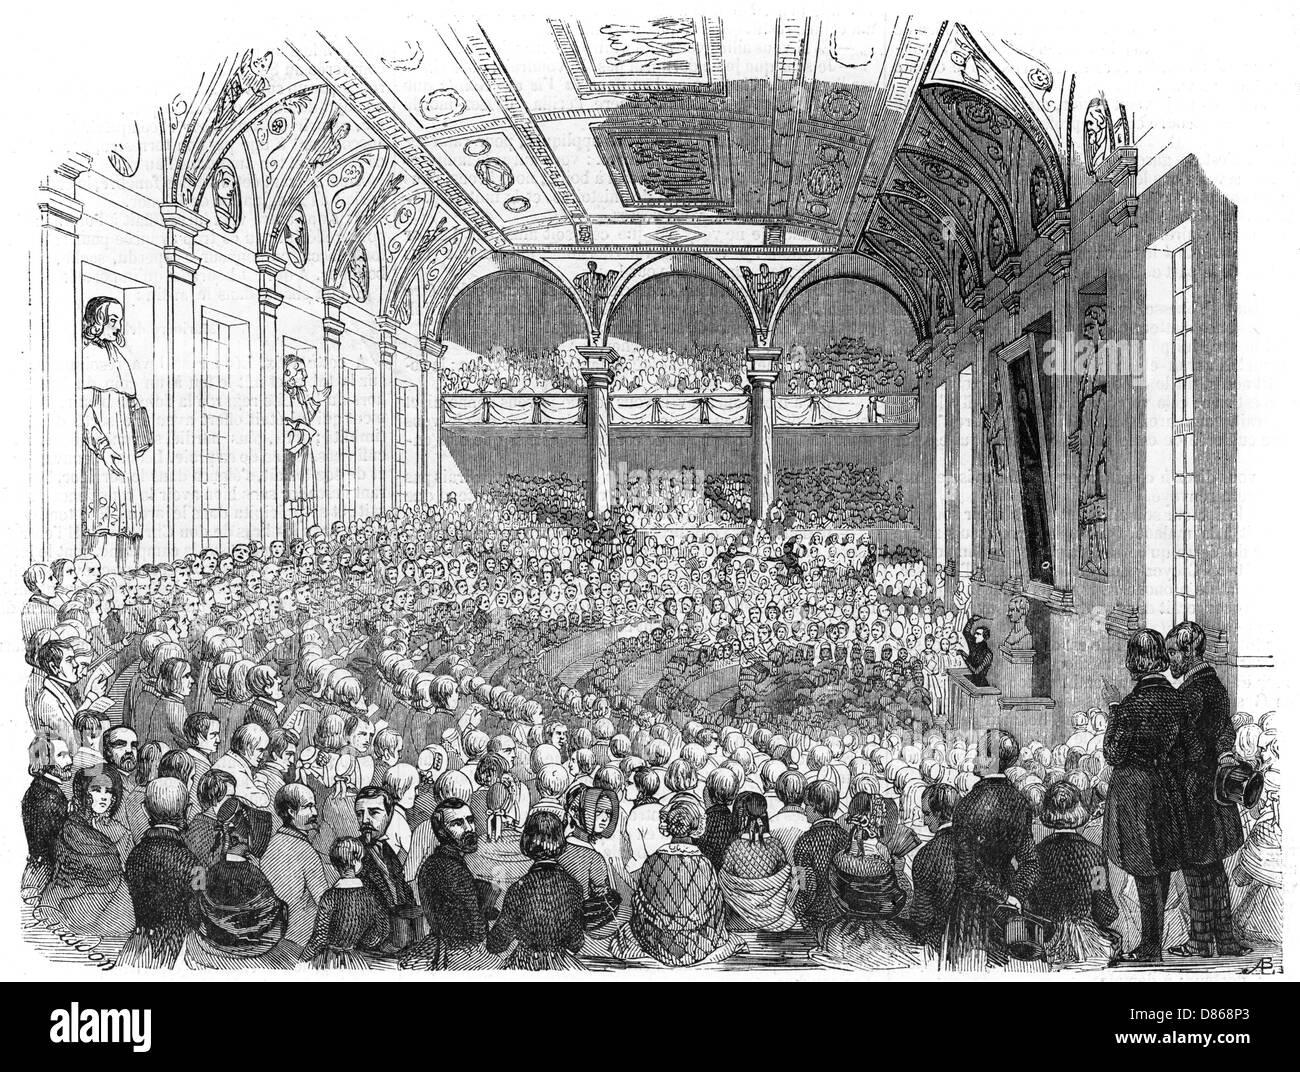 Concert At The Sorbonne  Paris 1843 - Stock Image